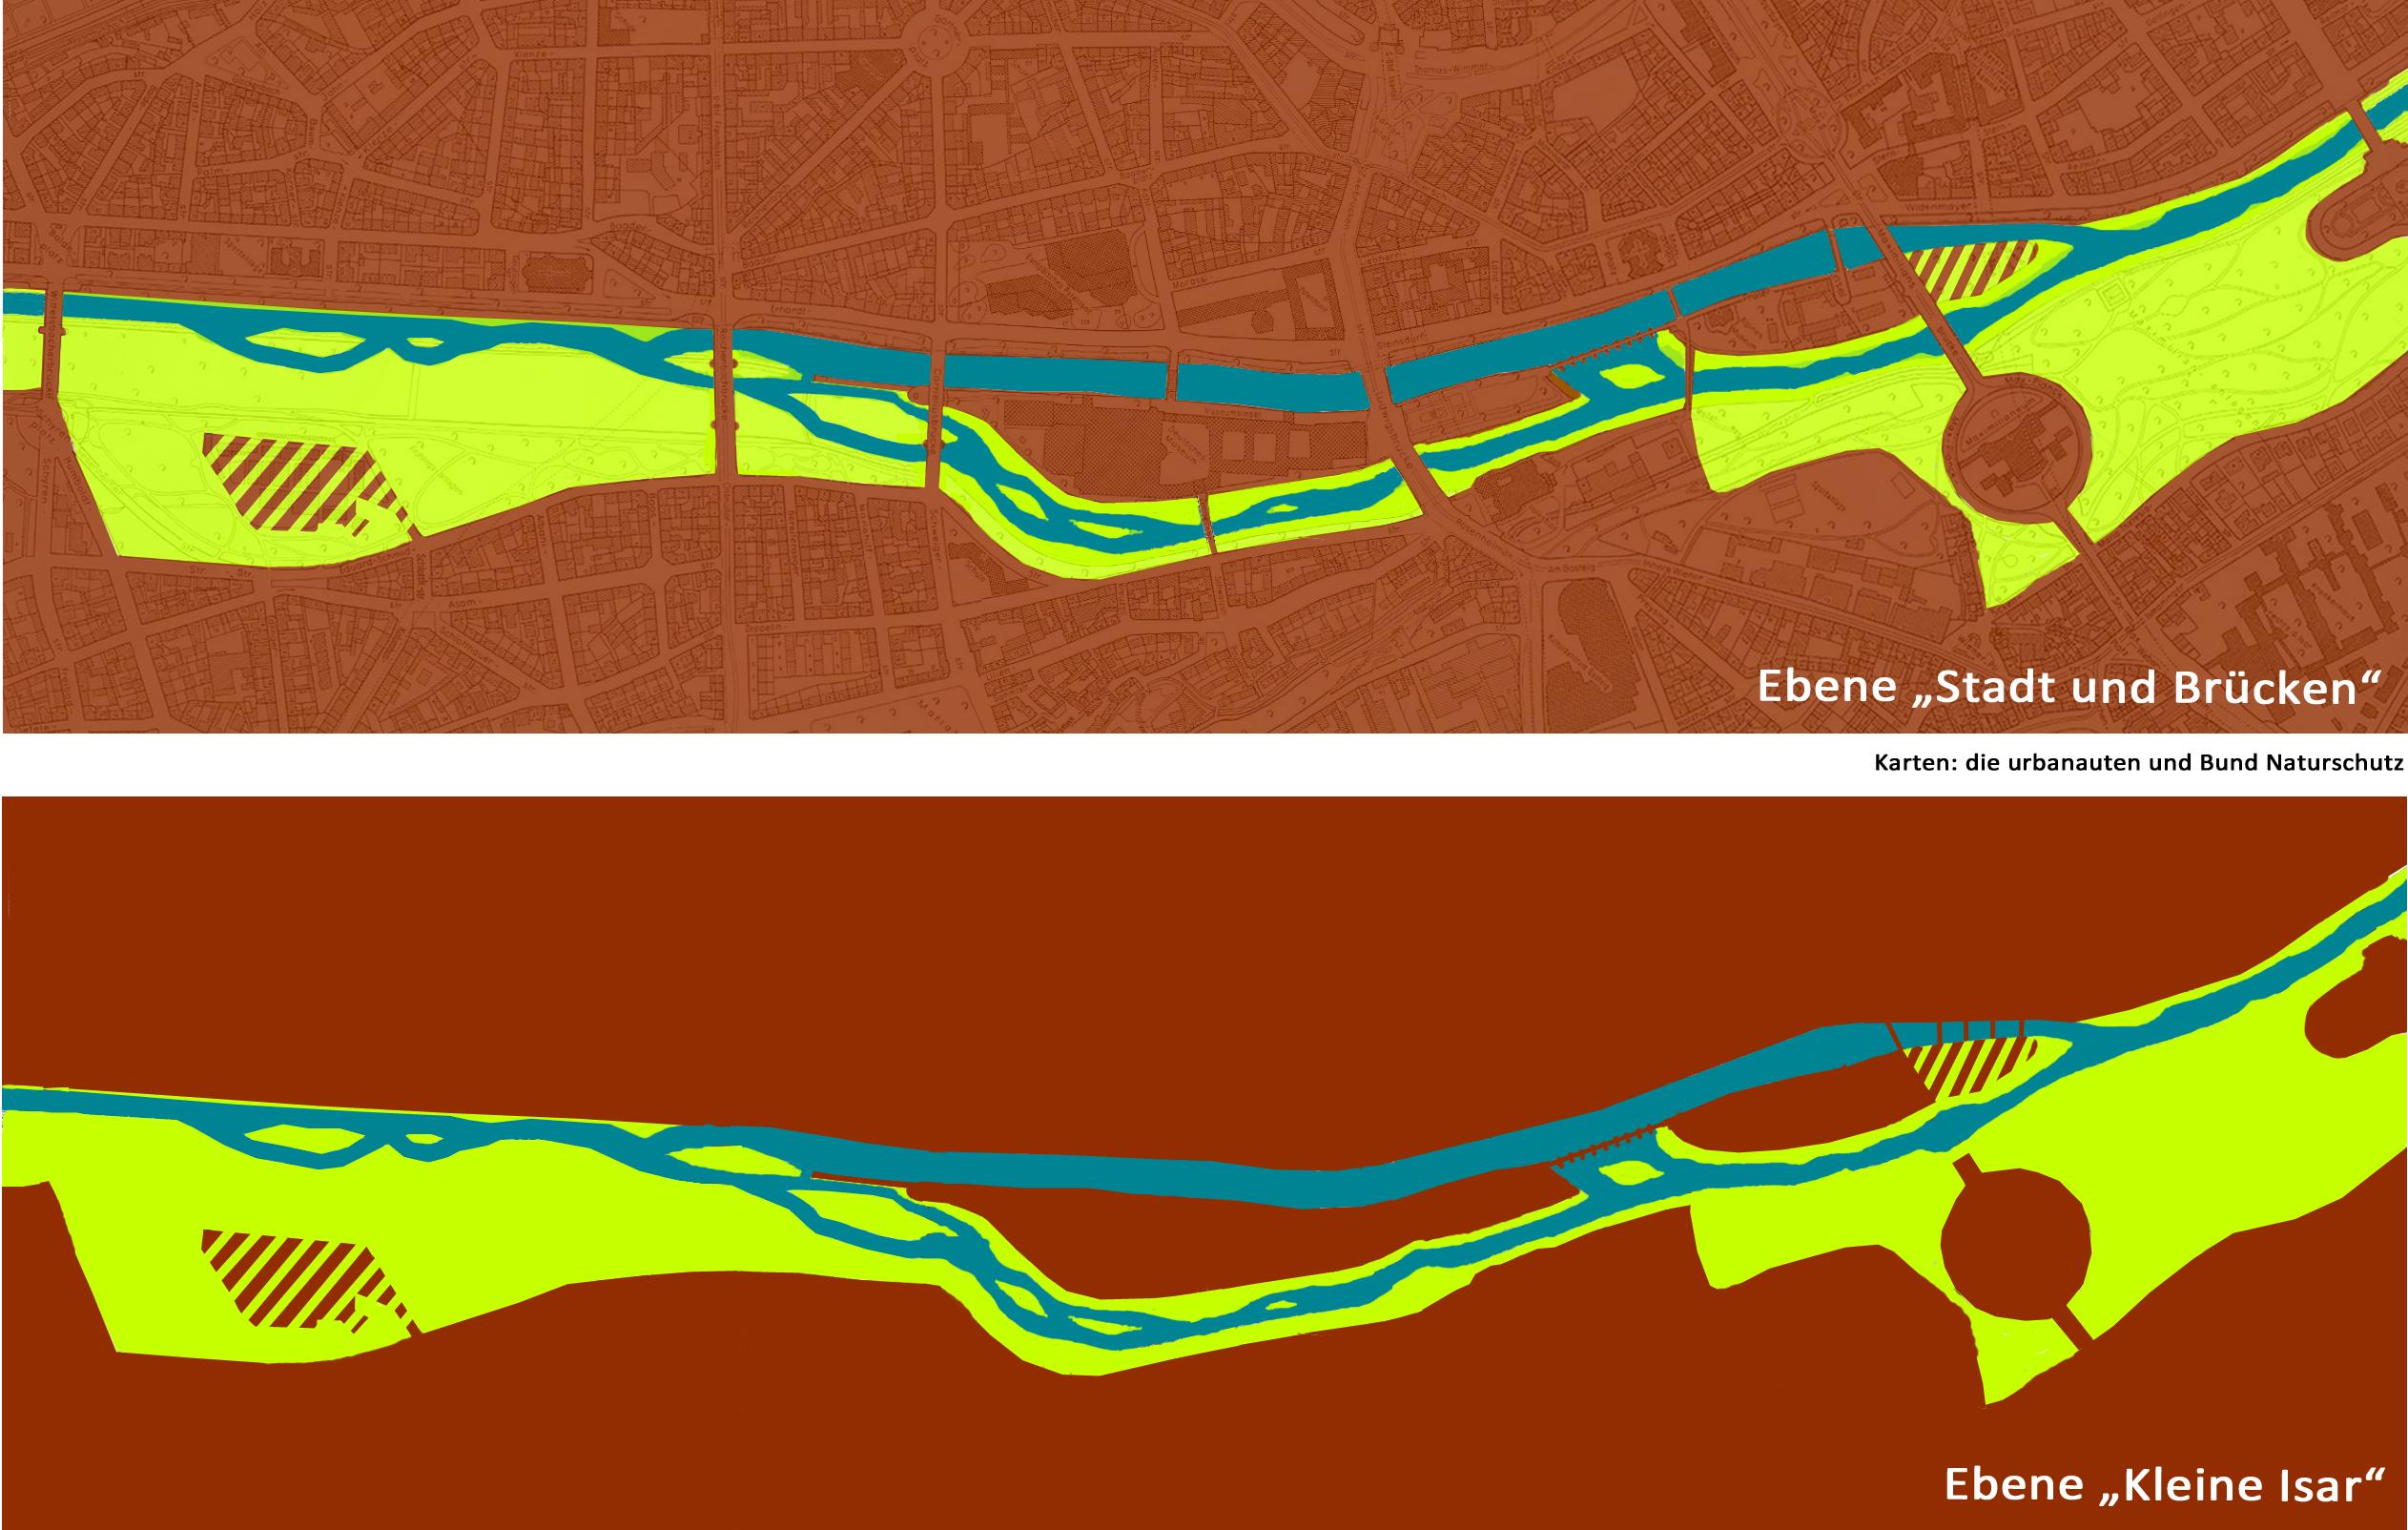 3_2_natur_stadt_karte_urbanauten_und_bund-naturschutz